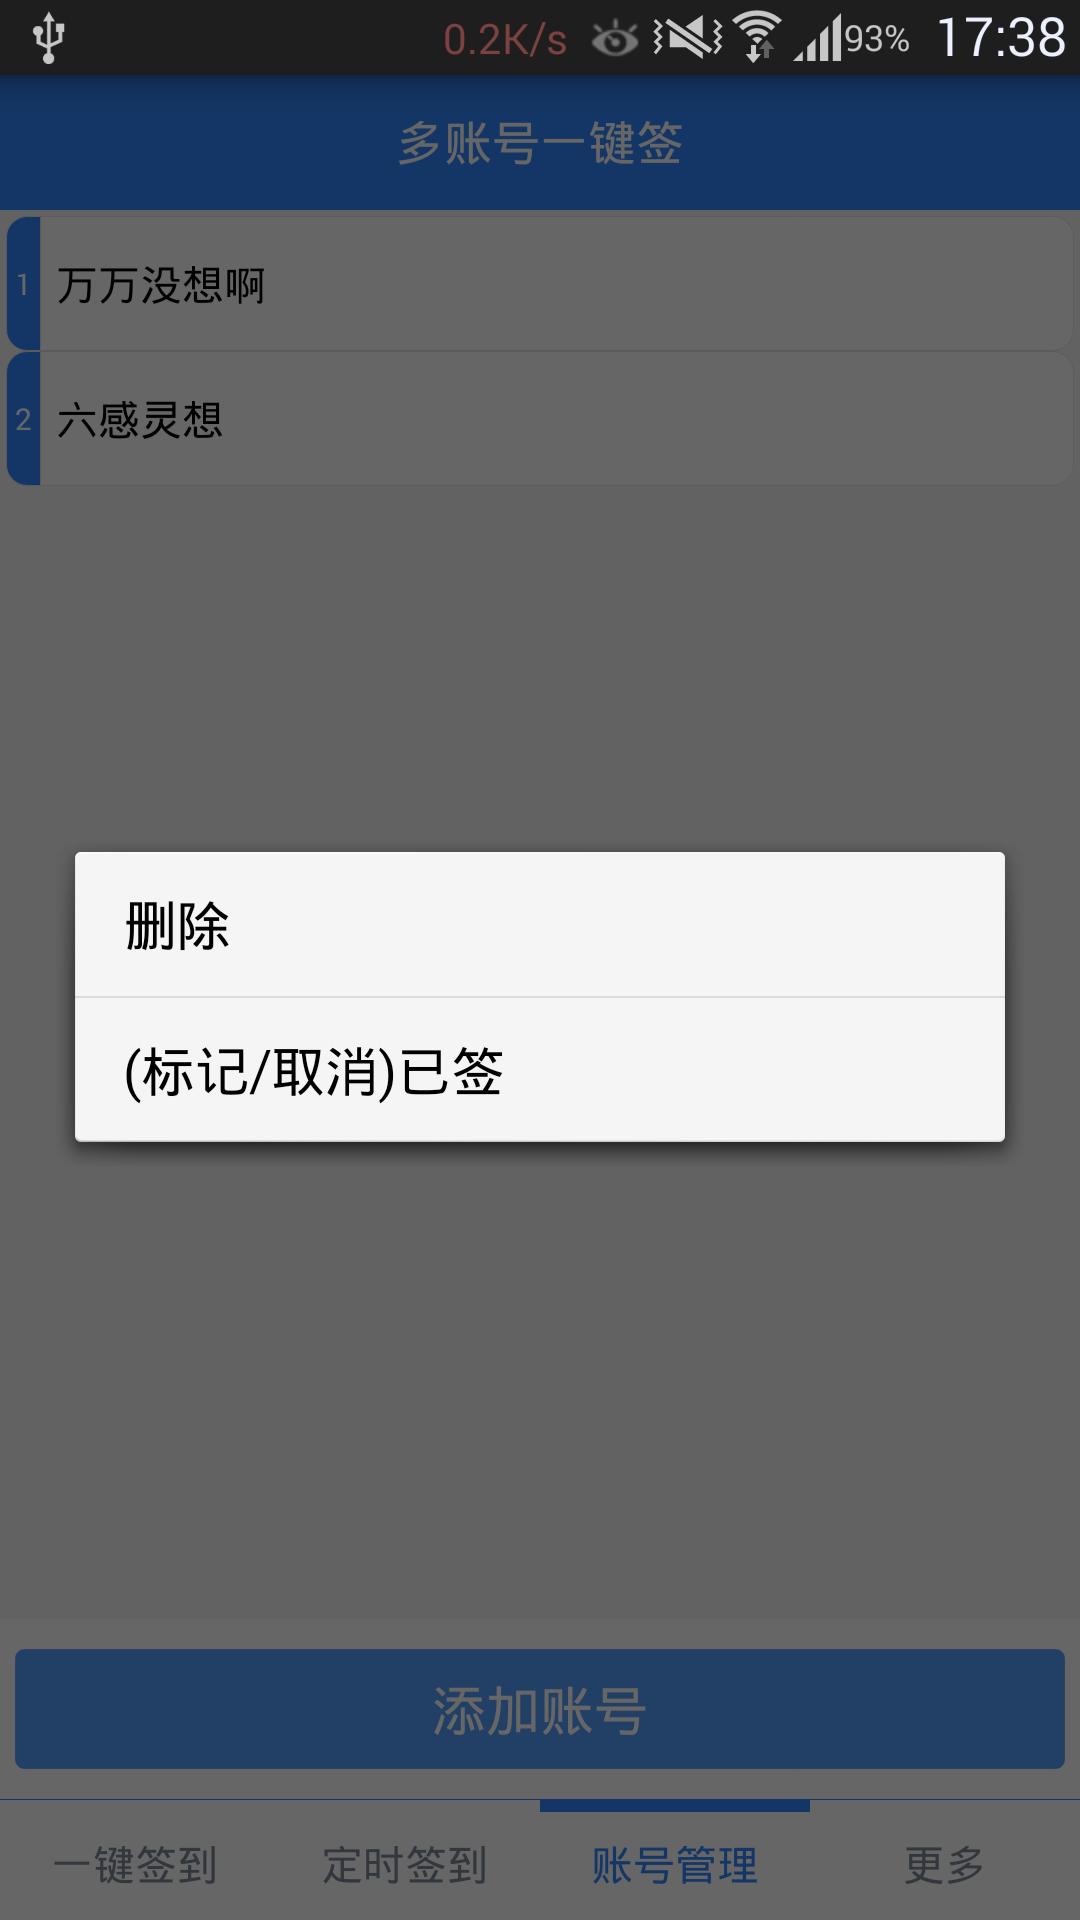 贴吧一键定时签到 V2.2.0 安卓版截图6